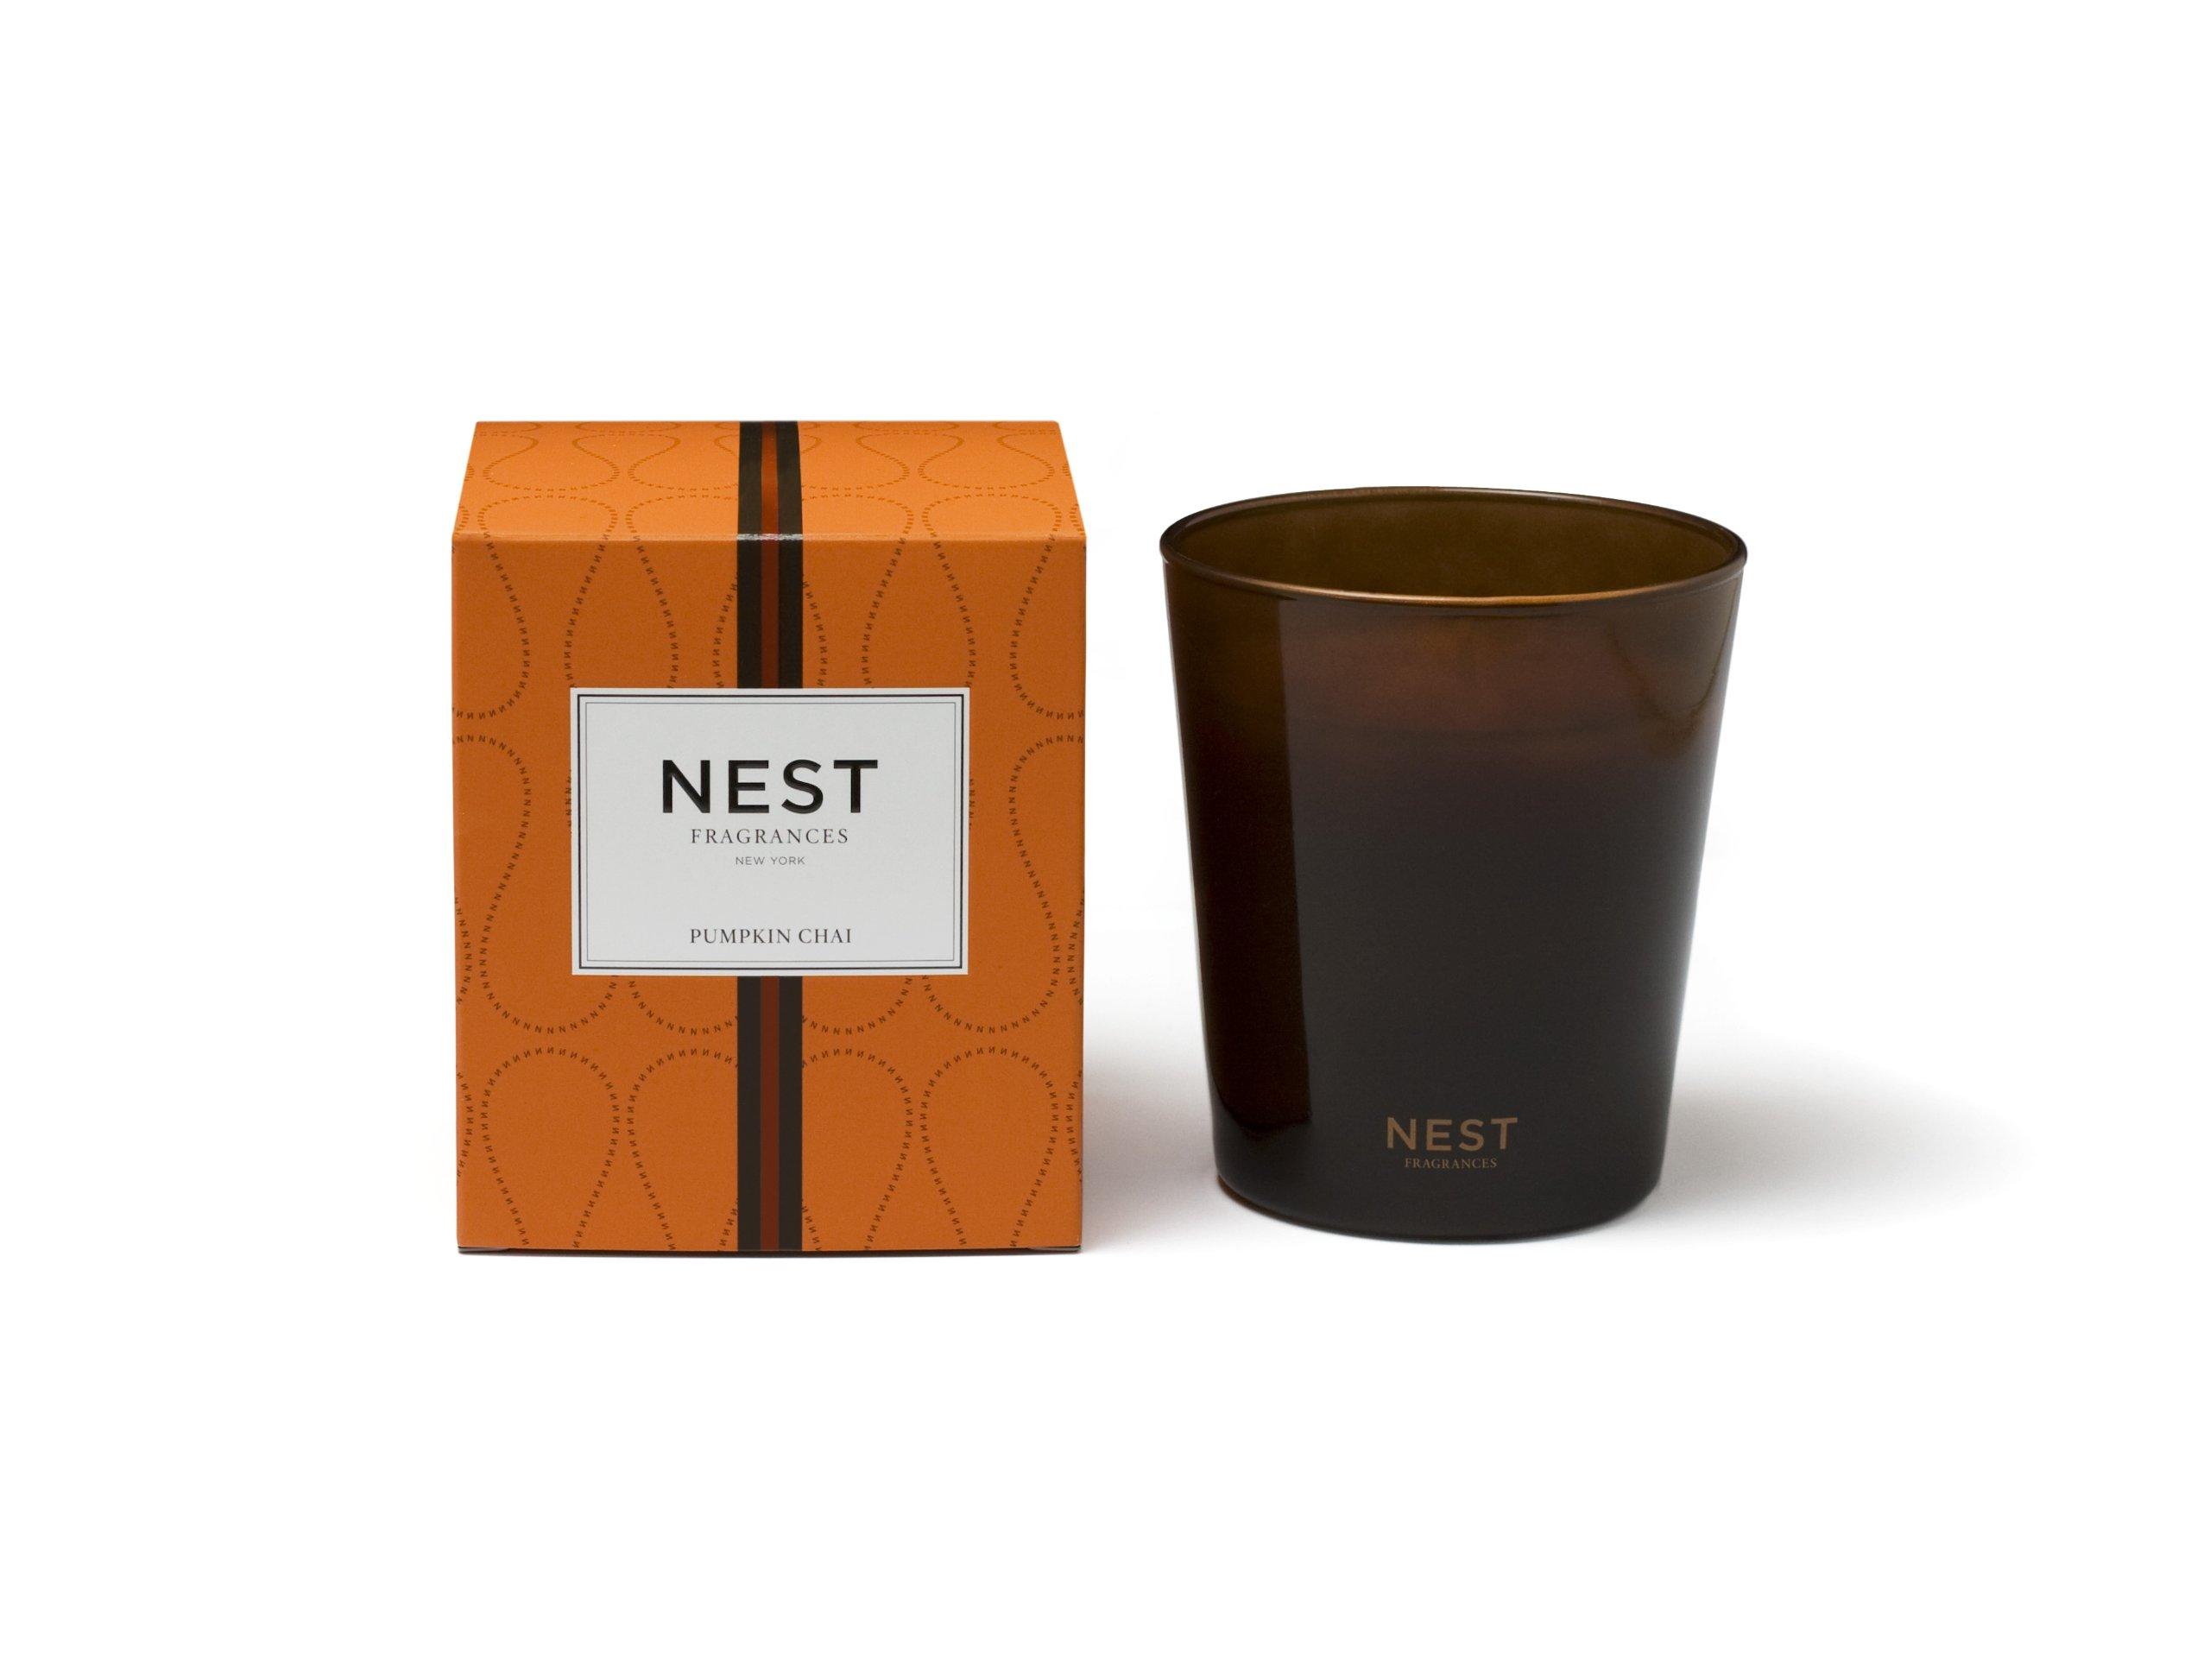 NEST Fragrances Classic Candle- Pumpkin Chai, 8.1 oz